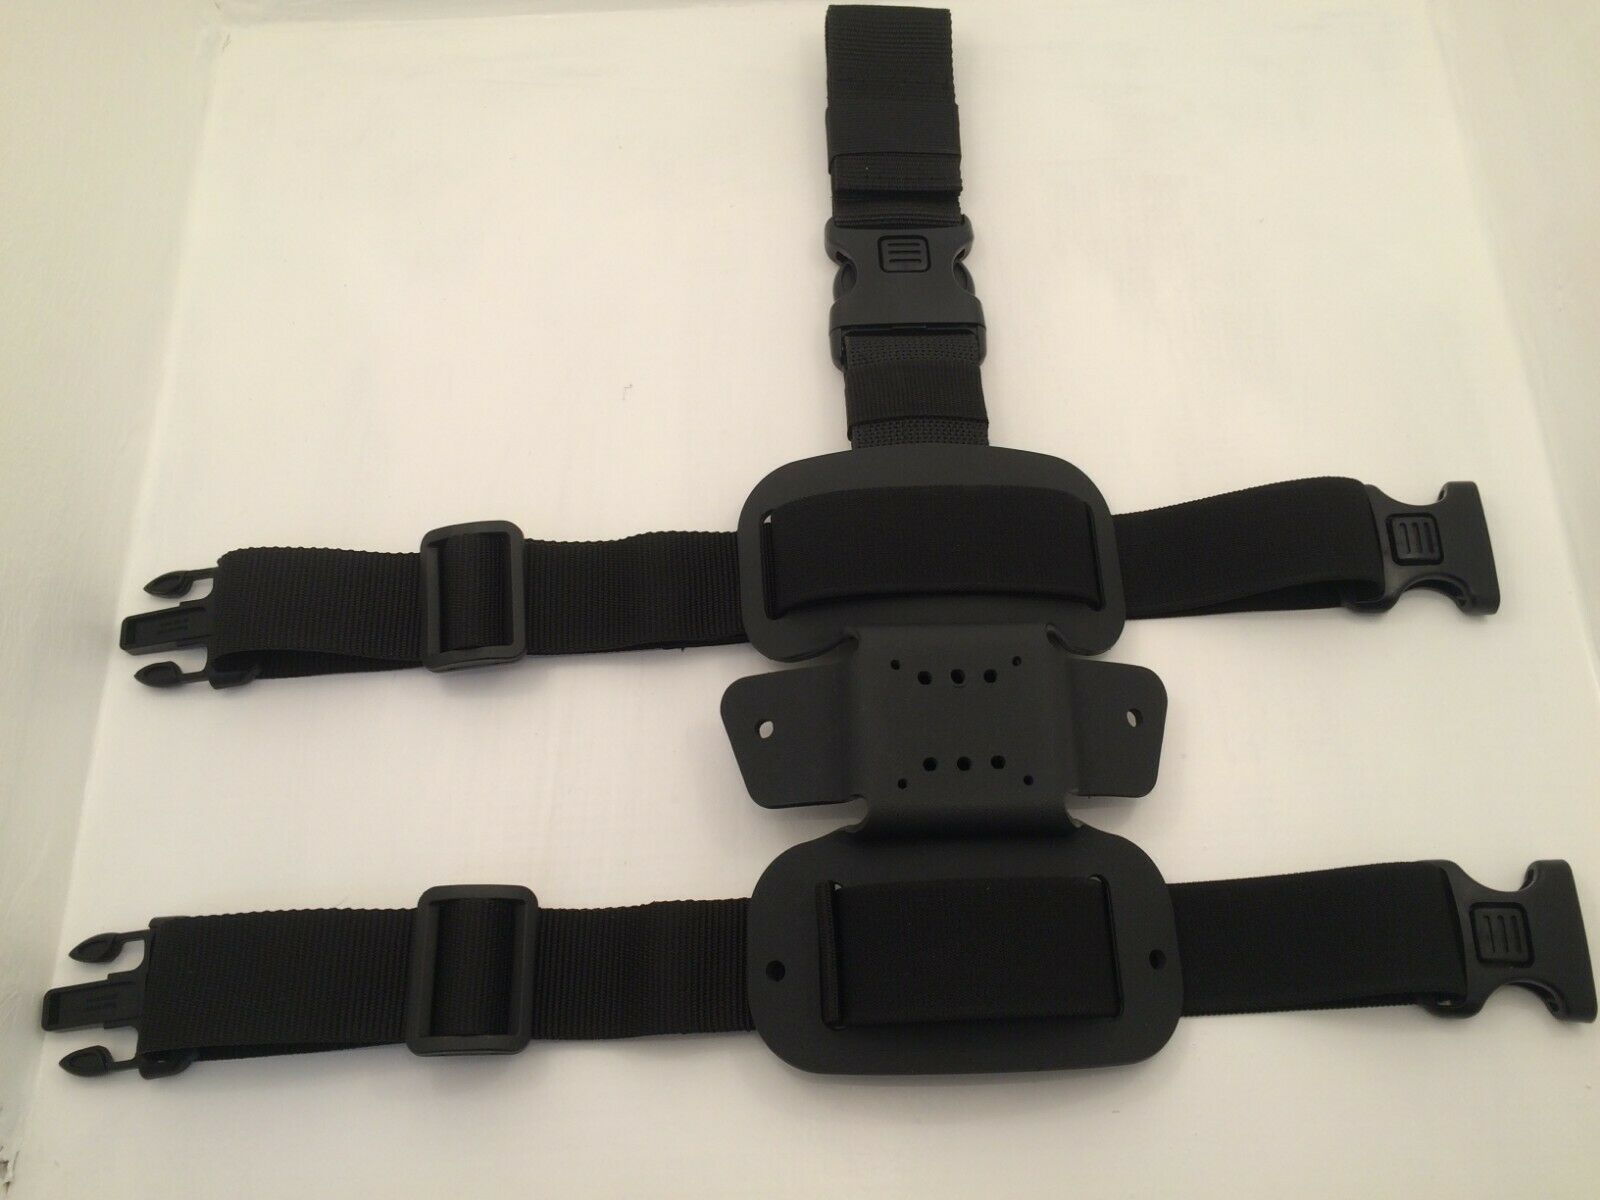 Kydex Oberschenkel Oberschenkel Oberschenkel trage System   Taktische Bein platte Fürs Holster. ANGEBOT  | Zuverlässige Leistung  | Komfort  28698e